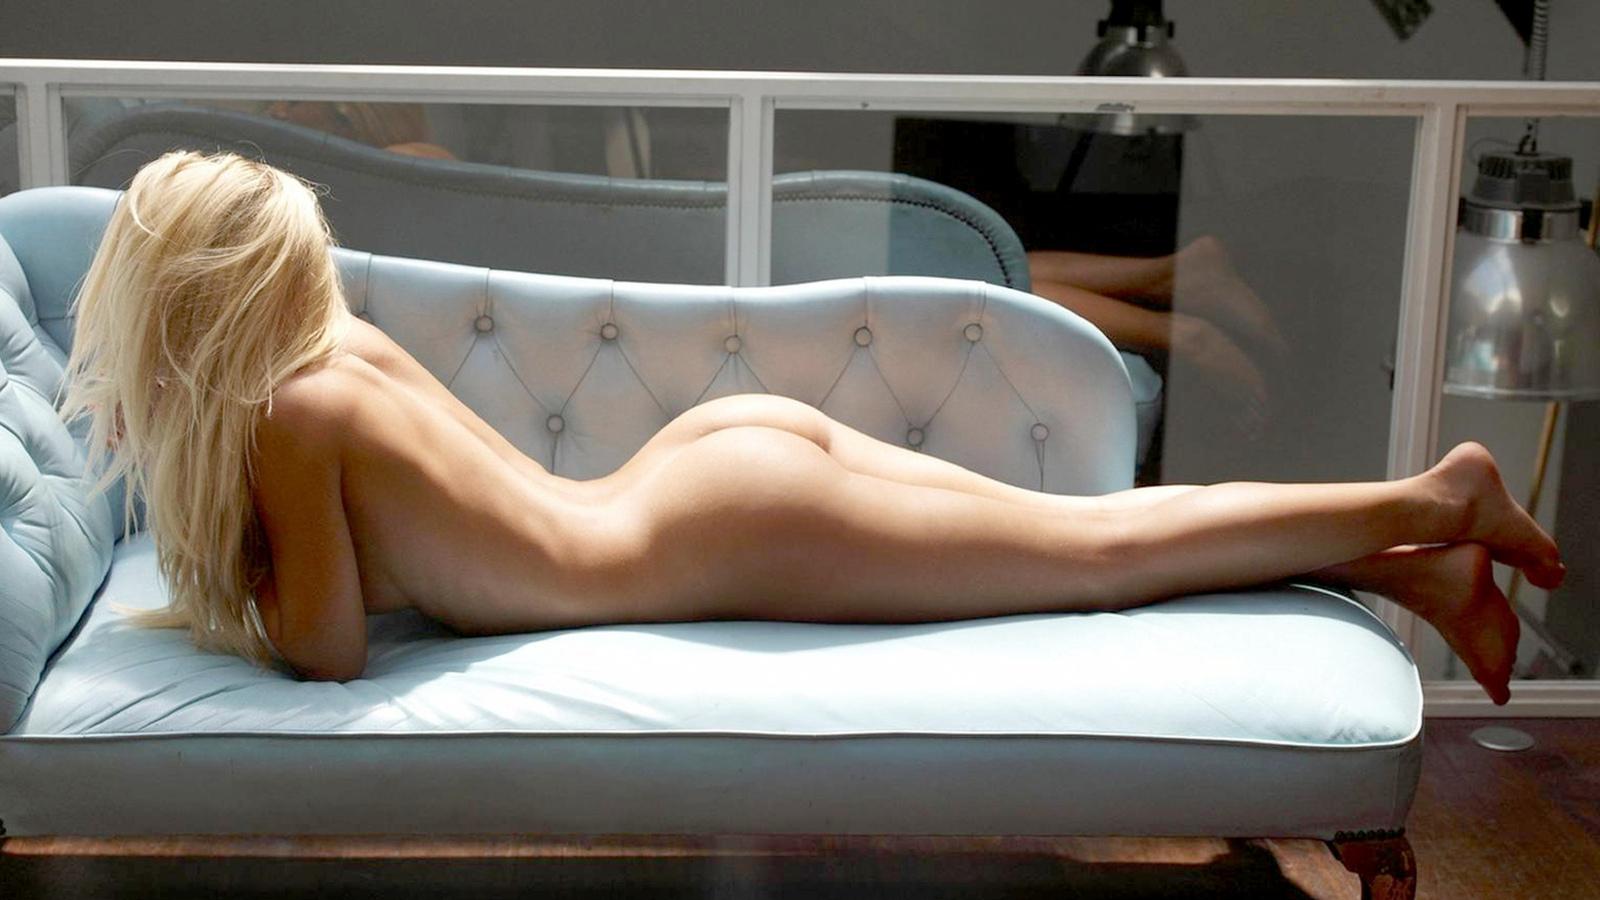 девушка, голая, красивая, ноги, грудь, попа